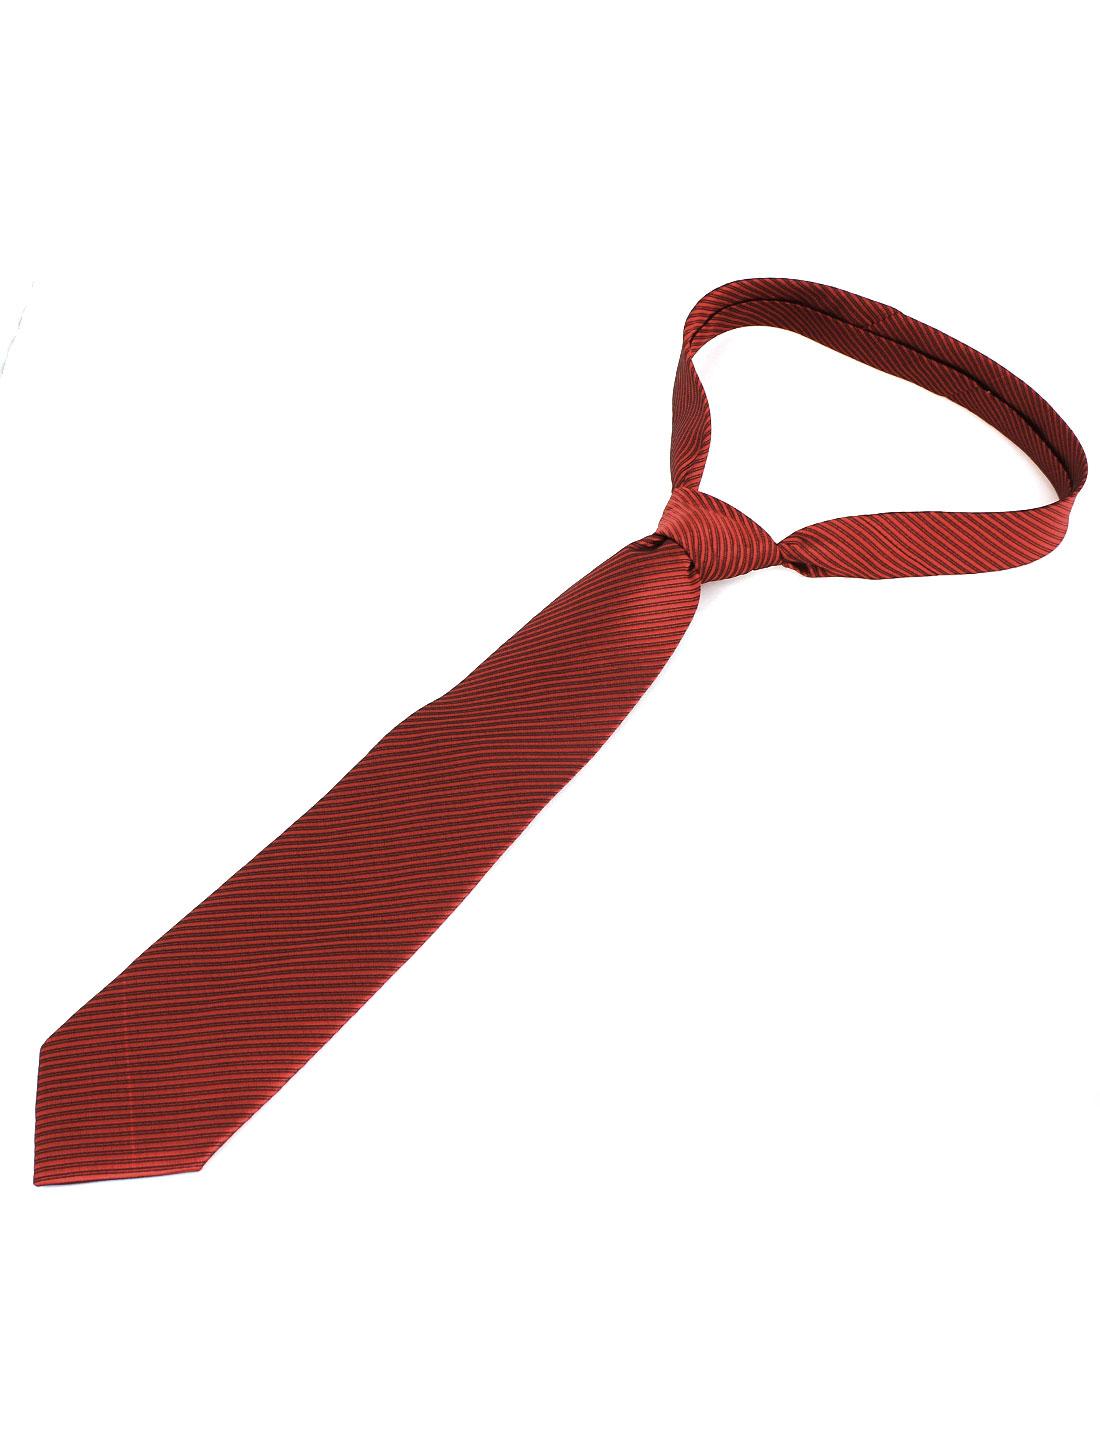 Men Twill Stripes Pattern Polyester Self Tie Adjustable Neckwear Necktie Red